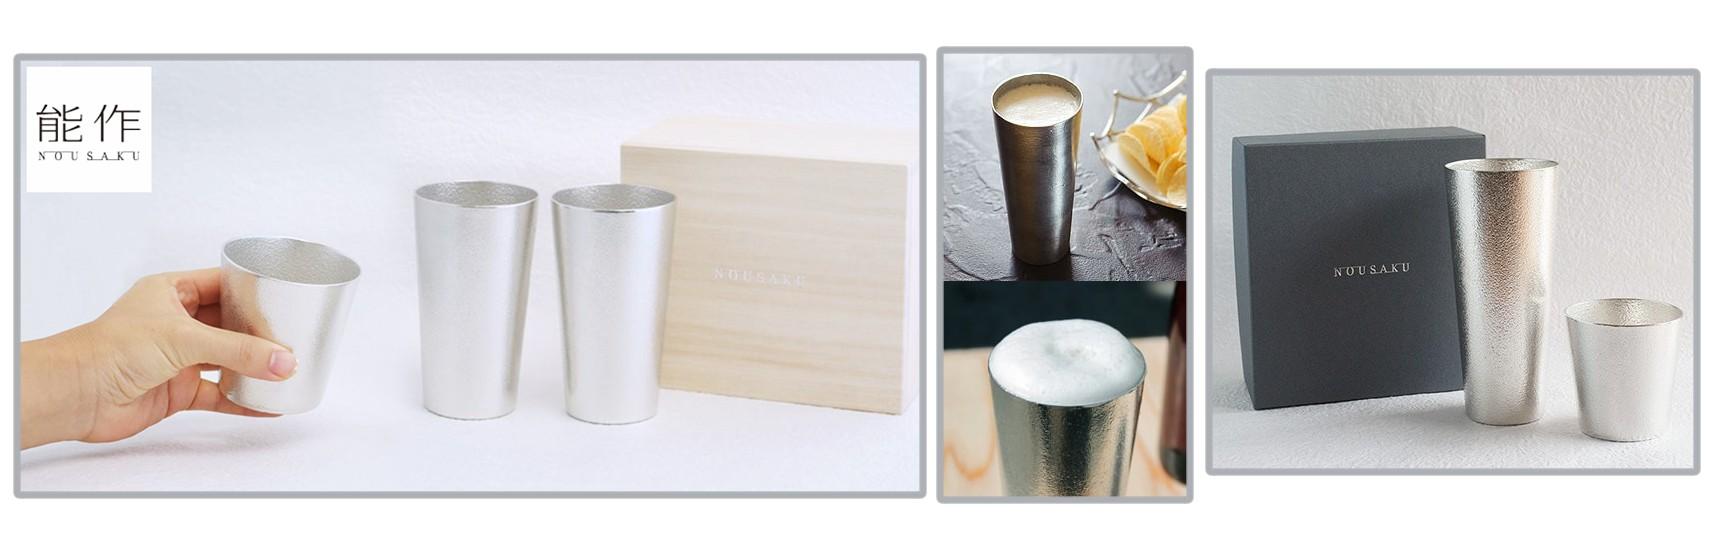 Nousaku Tin Beer Cups and Tumblers